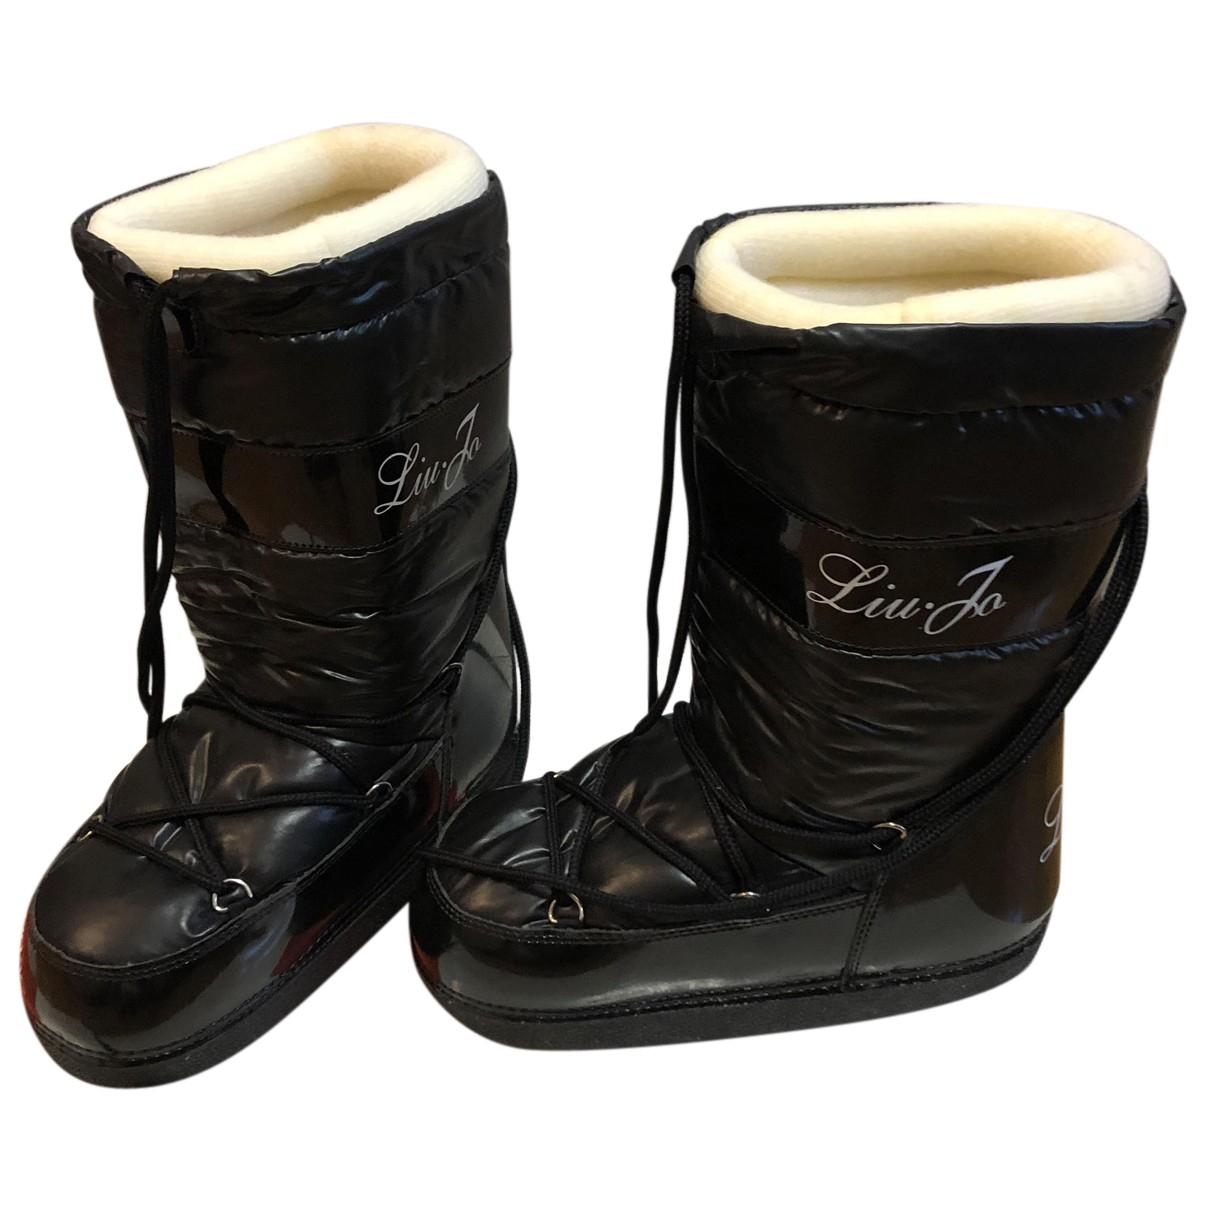 Liu.jo N Black Boots for Women 39 EU